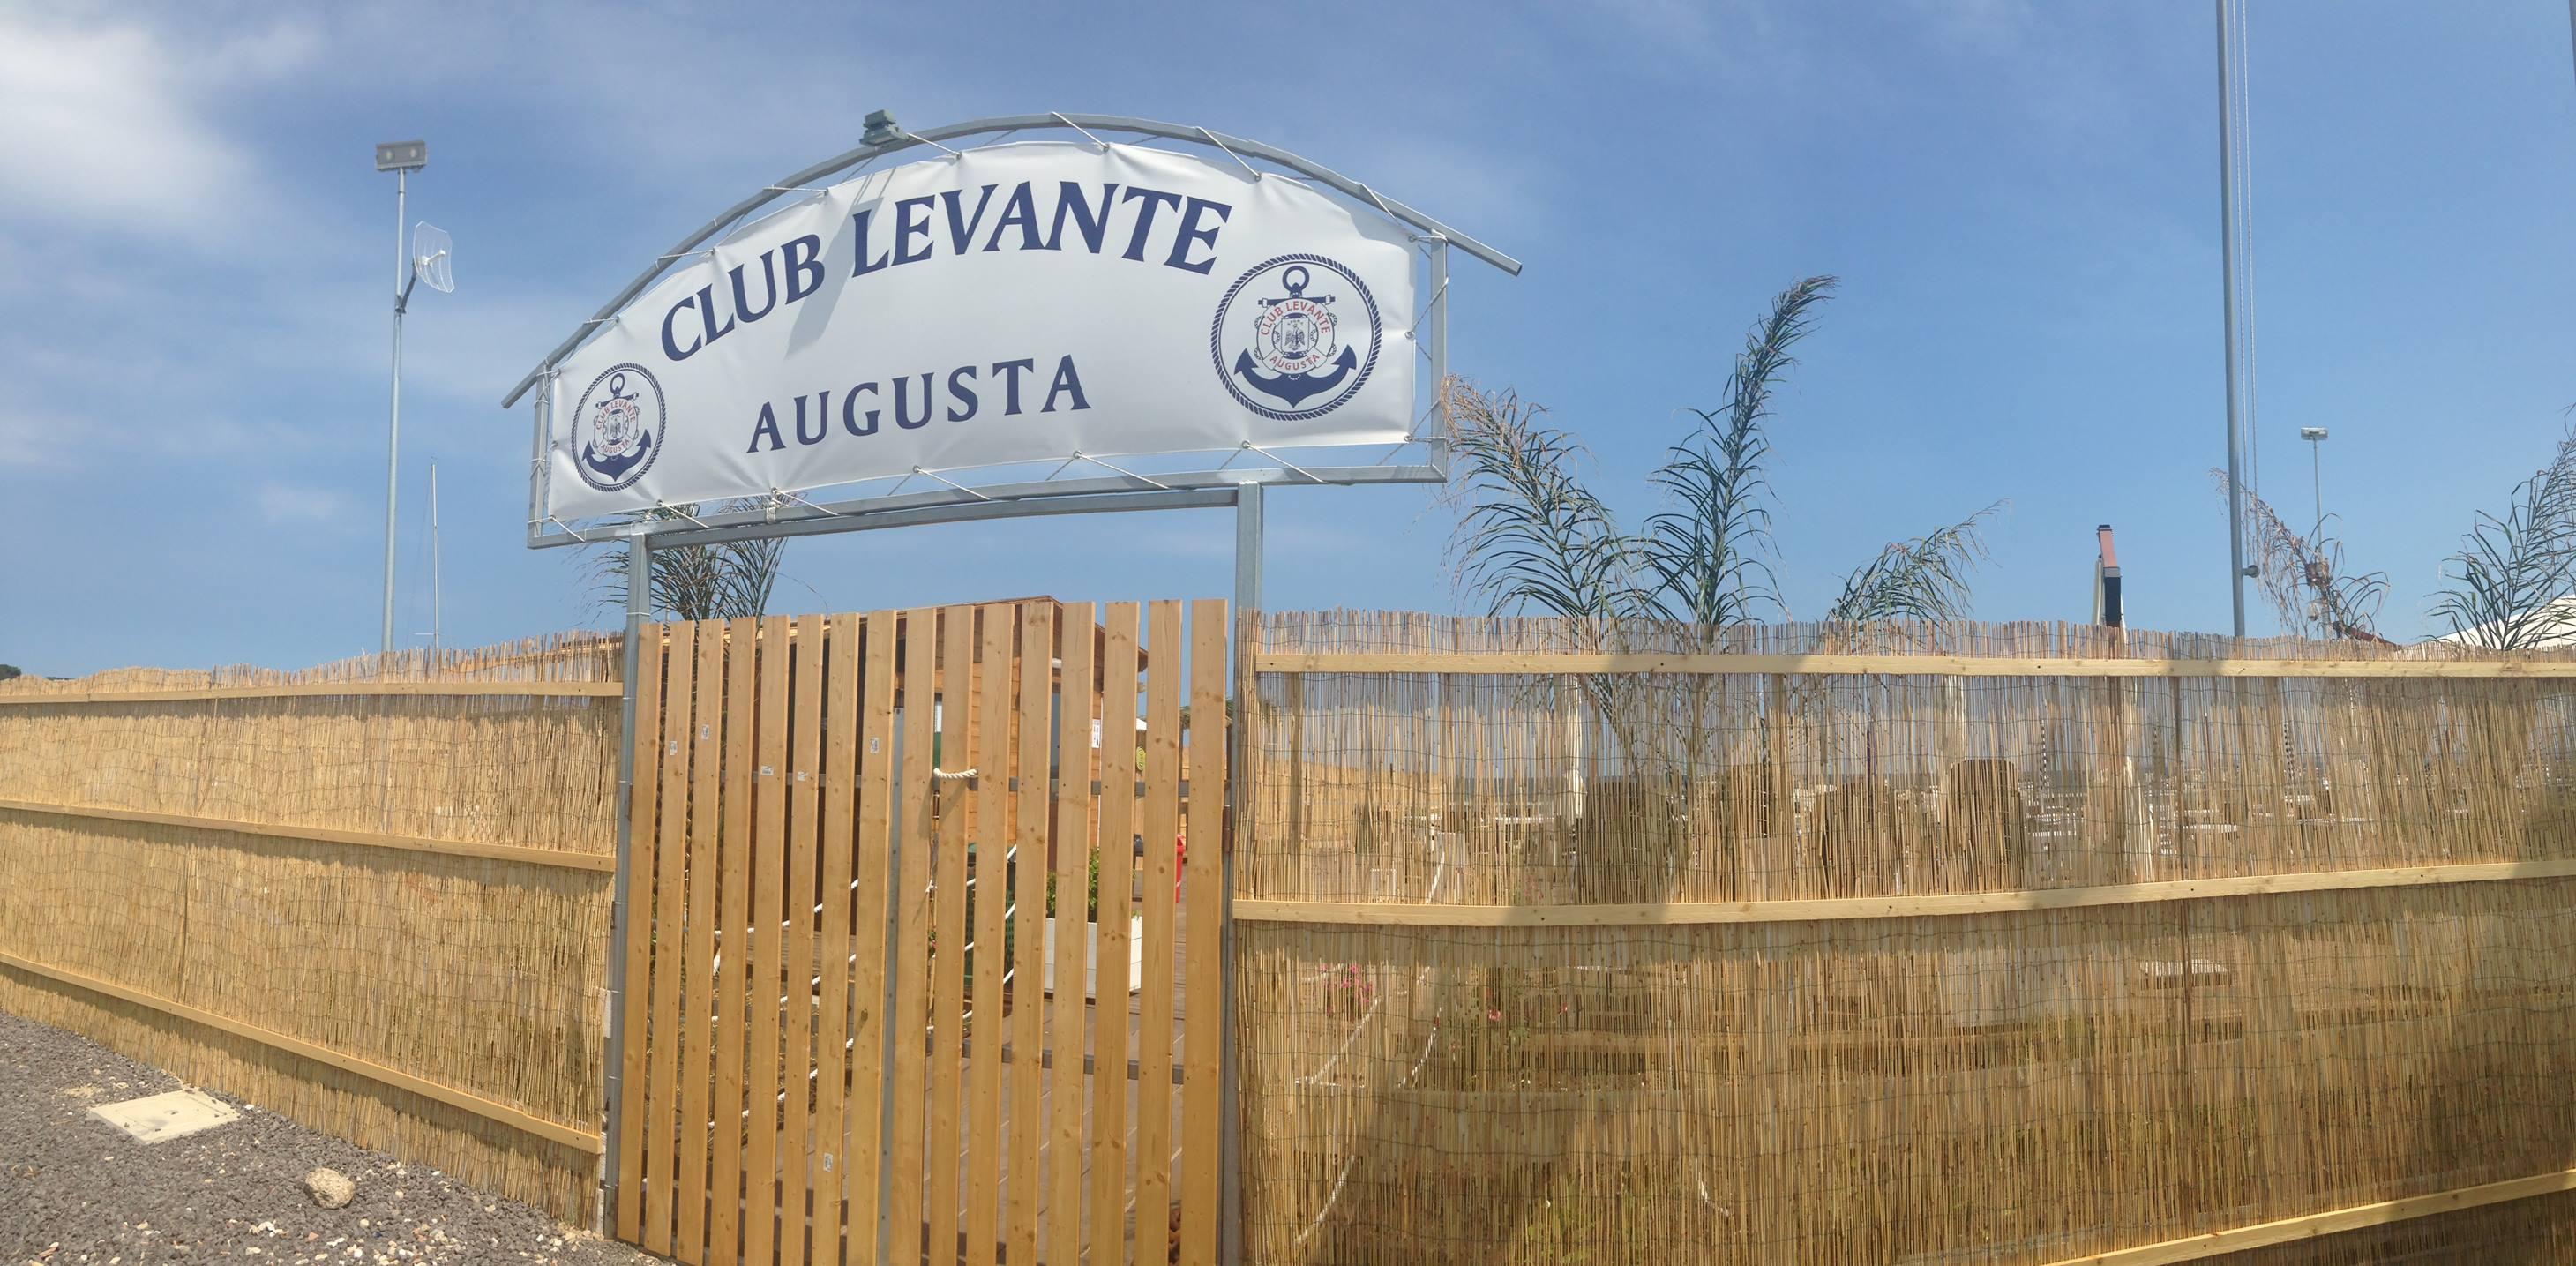 Club Levante